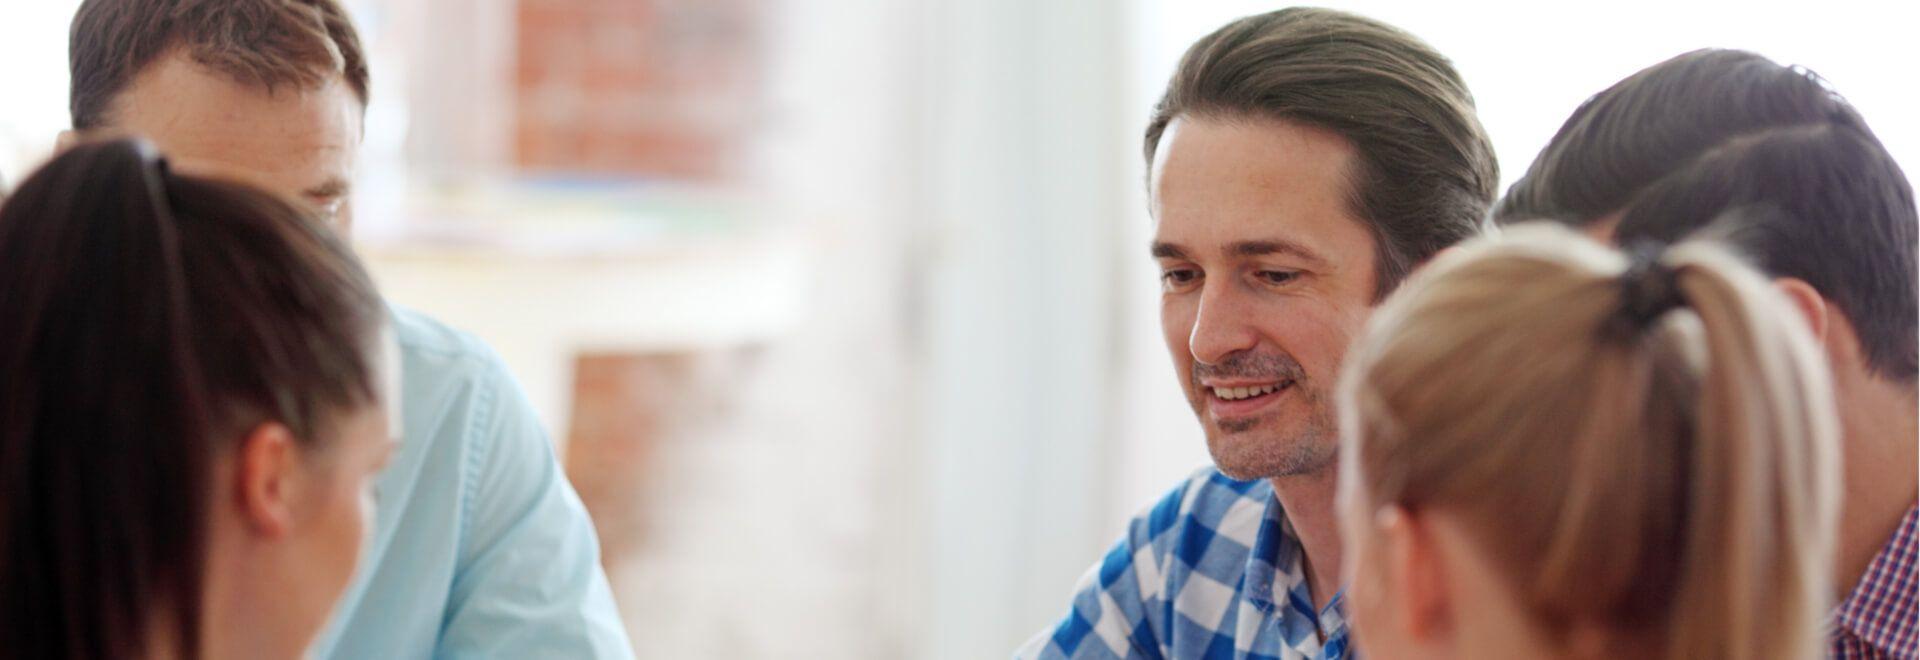 Individualcoaching- und Gruppen-Strategien zur Stressbewältigung